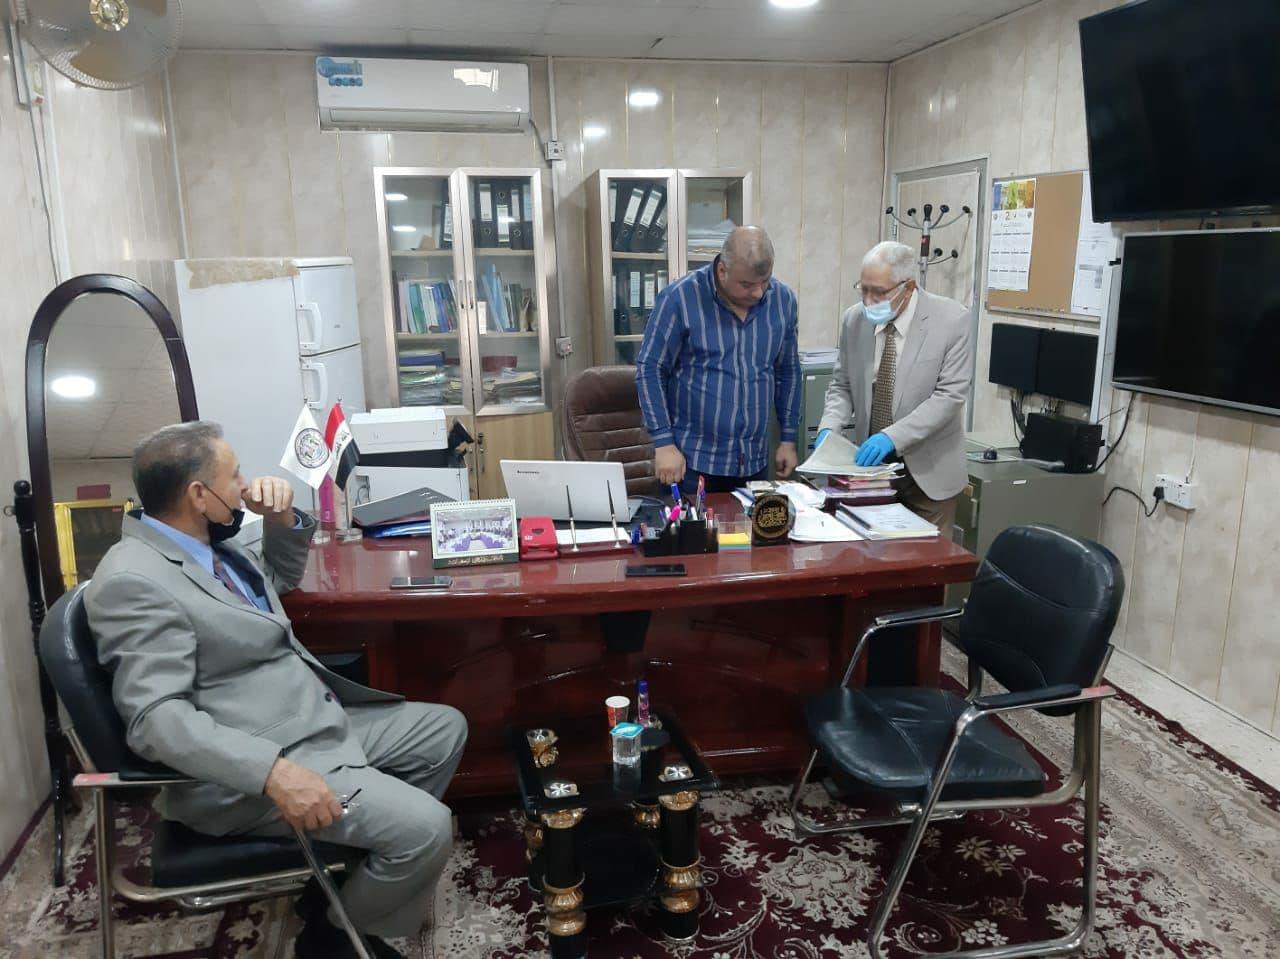 عميد كلية شط العرب الجامعة يتفقد القاعات الإمتحانية لقسم المحاسبة